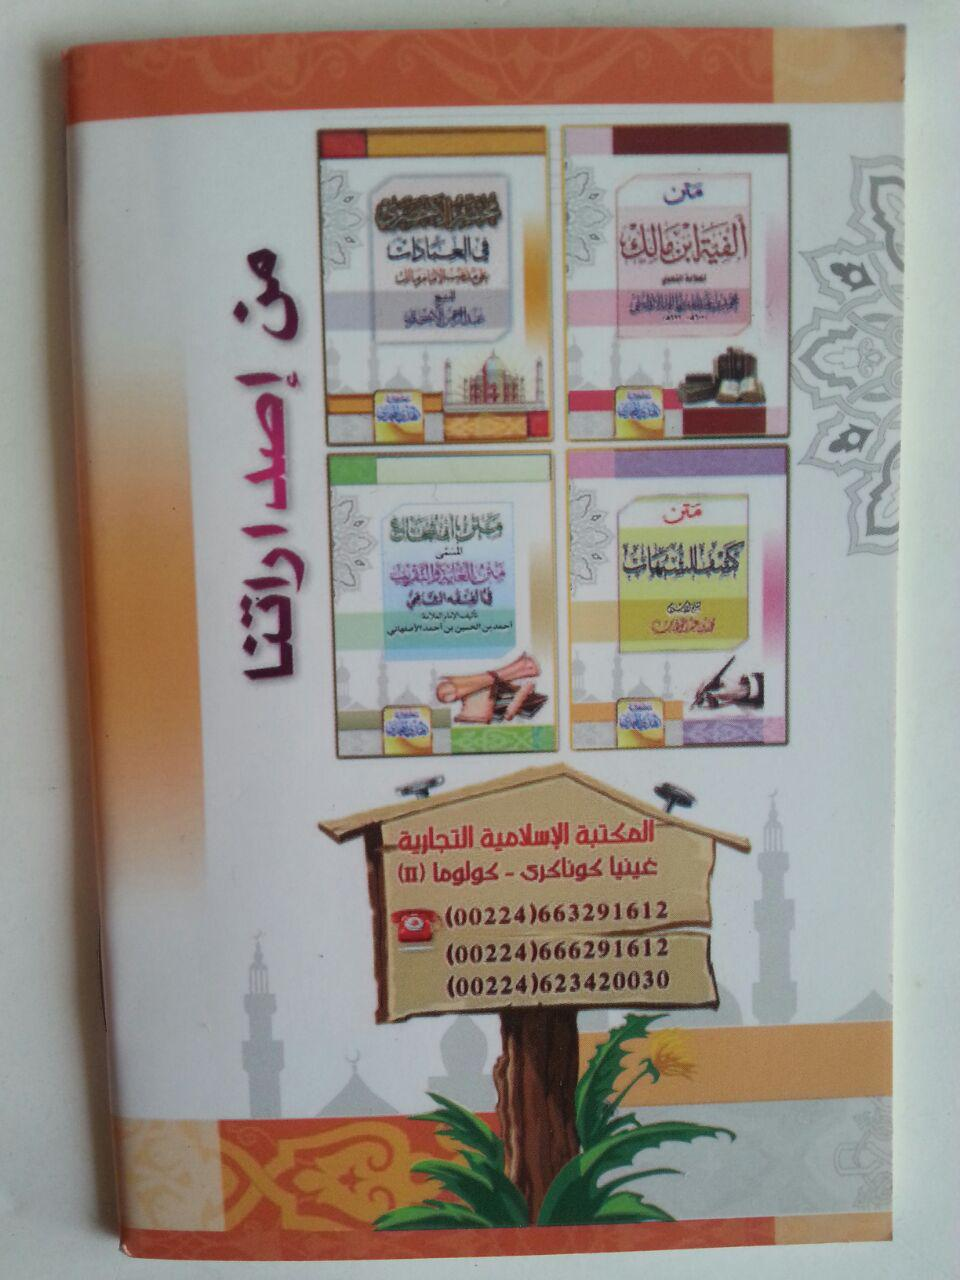 Kitab Matan Tuhfatul Athfal Dan Matan Al-Jazariyyah Fit Tajwid